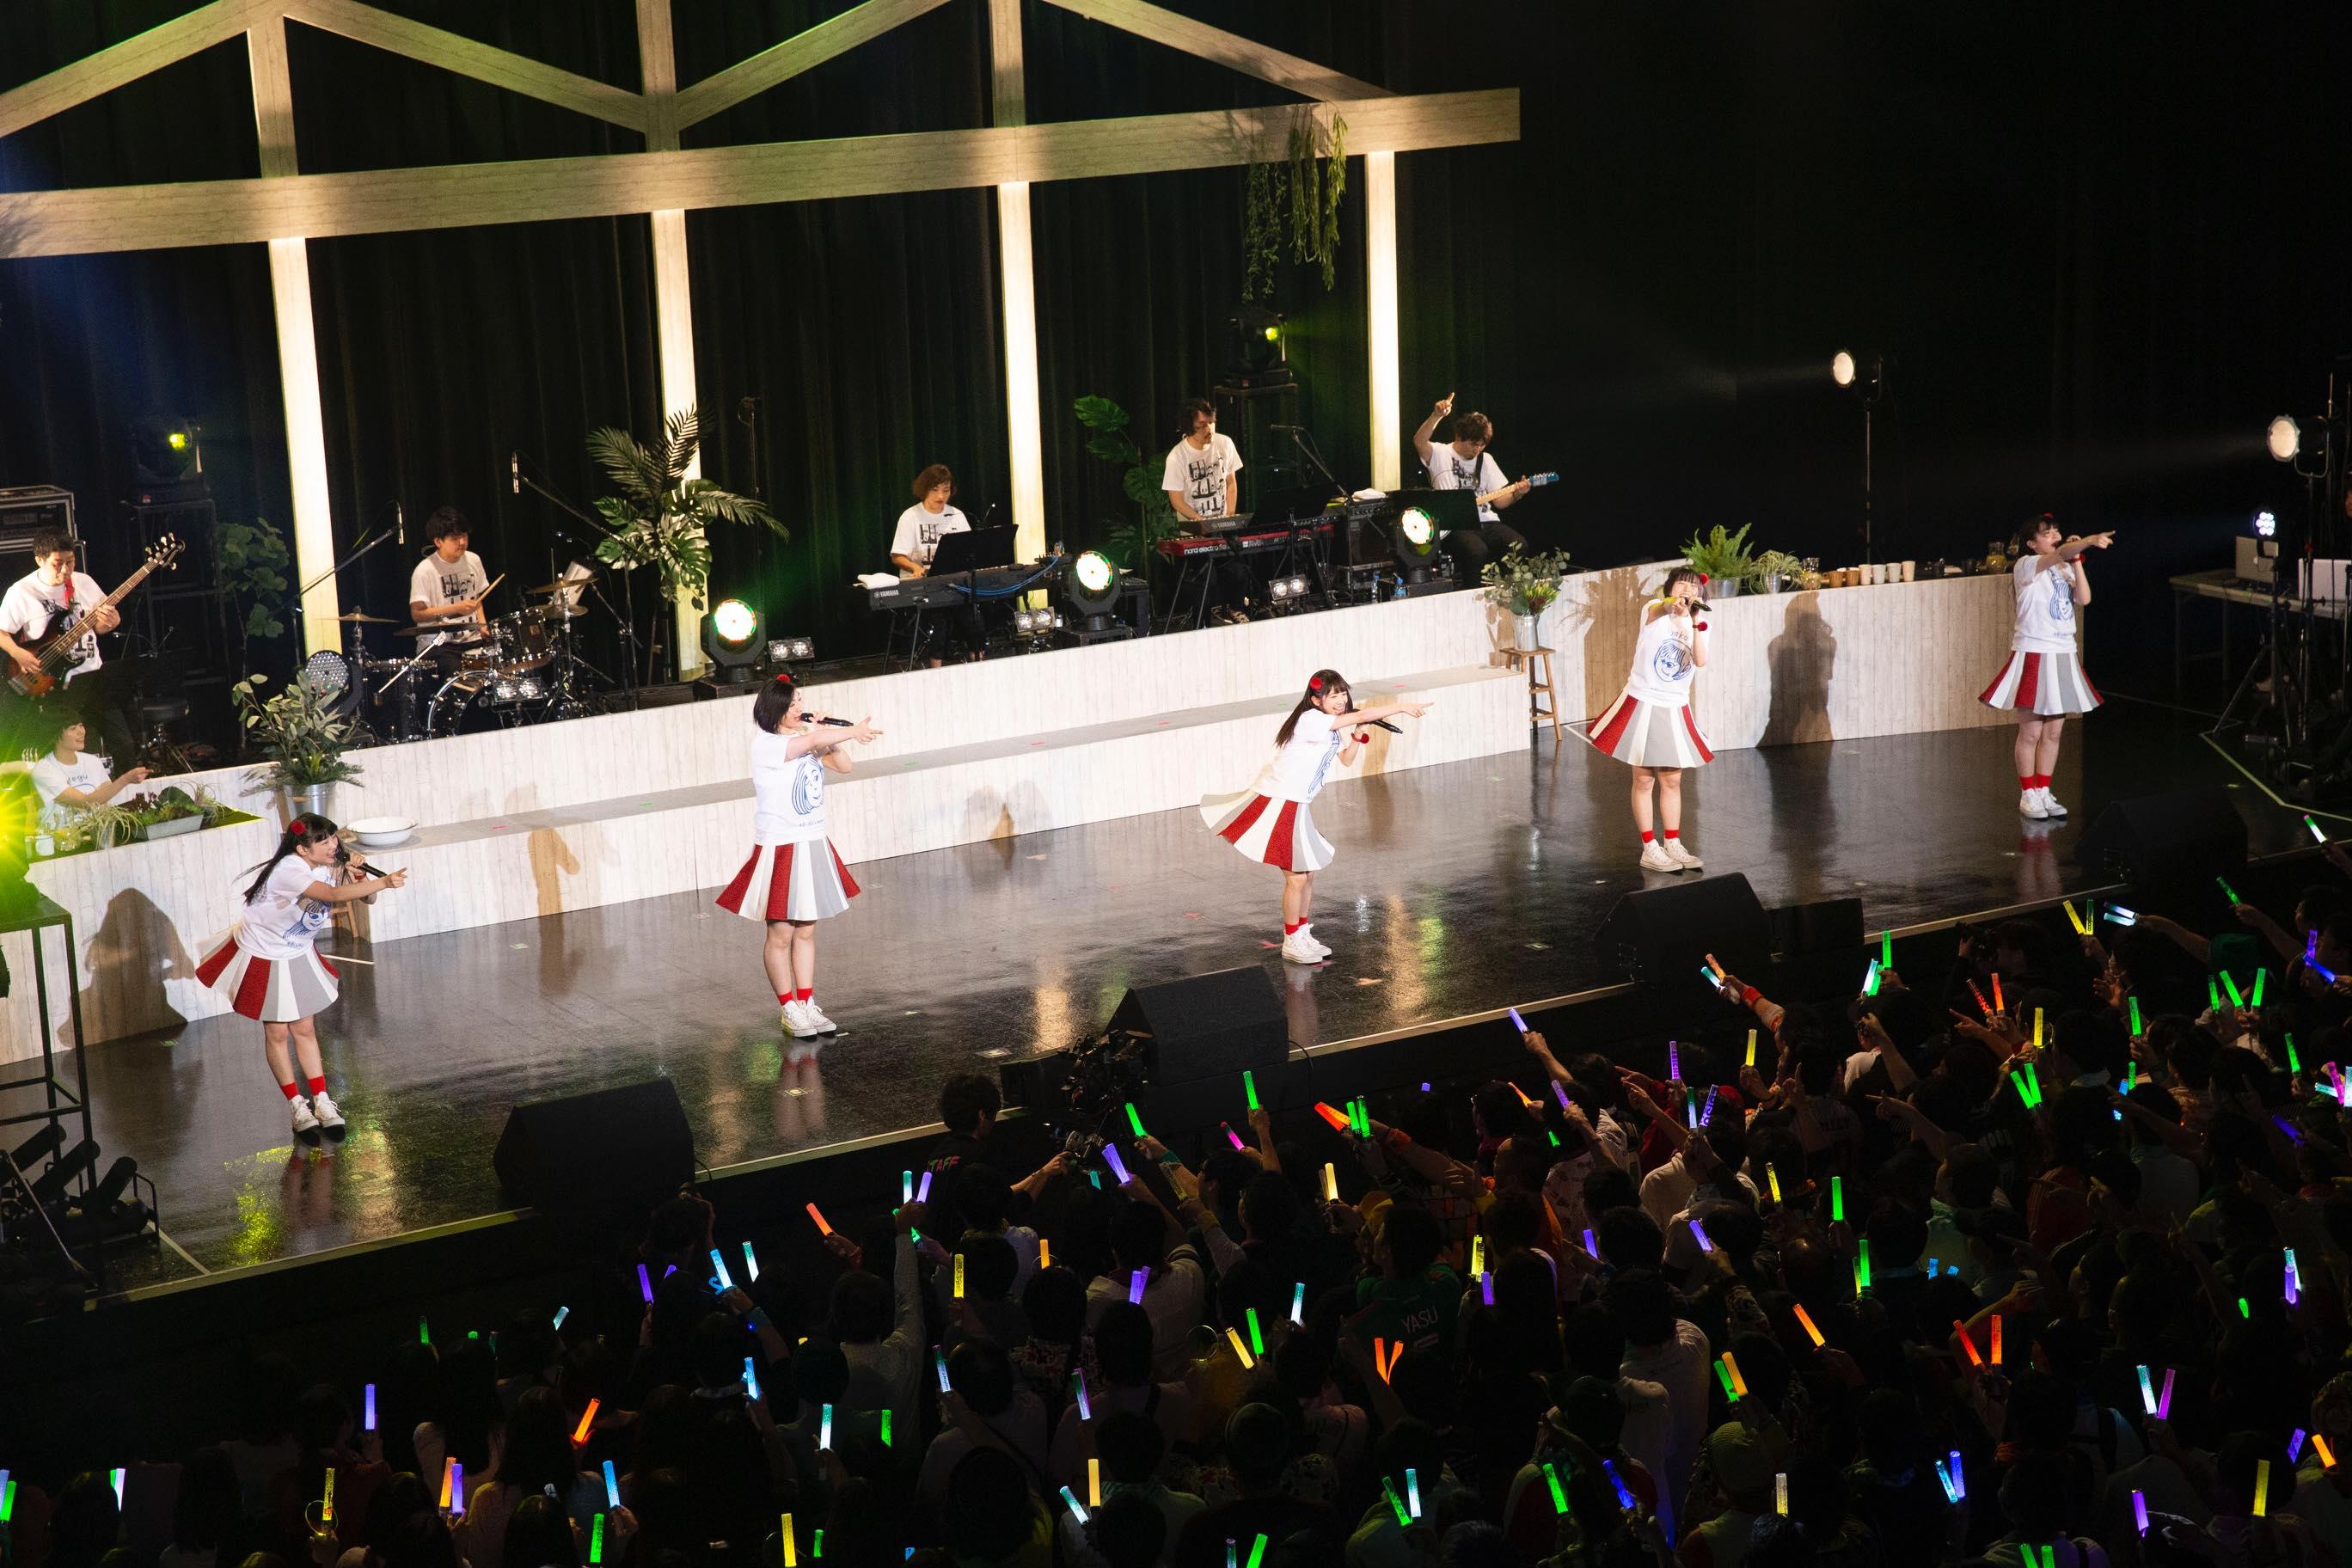 私立恵比寿中学・Negiccoの魅力がバンドで盛り盛り!「エビネギ2」レポート【写真9枚】の画像008